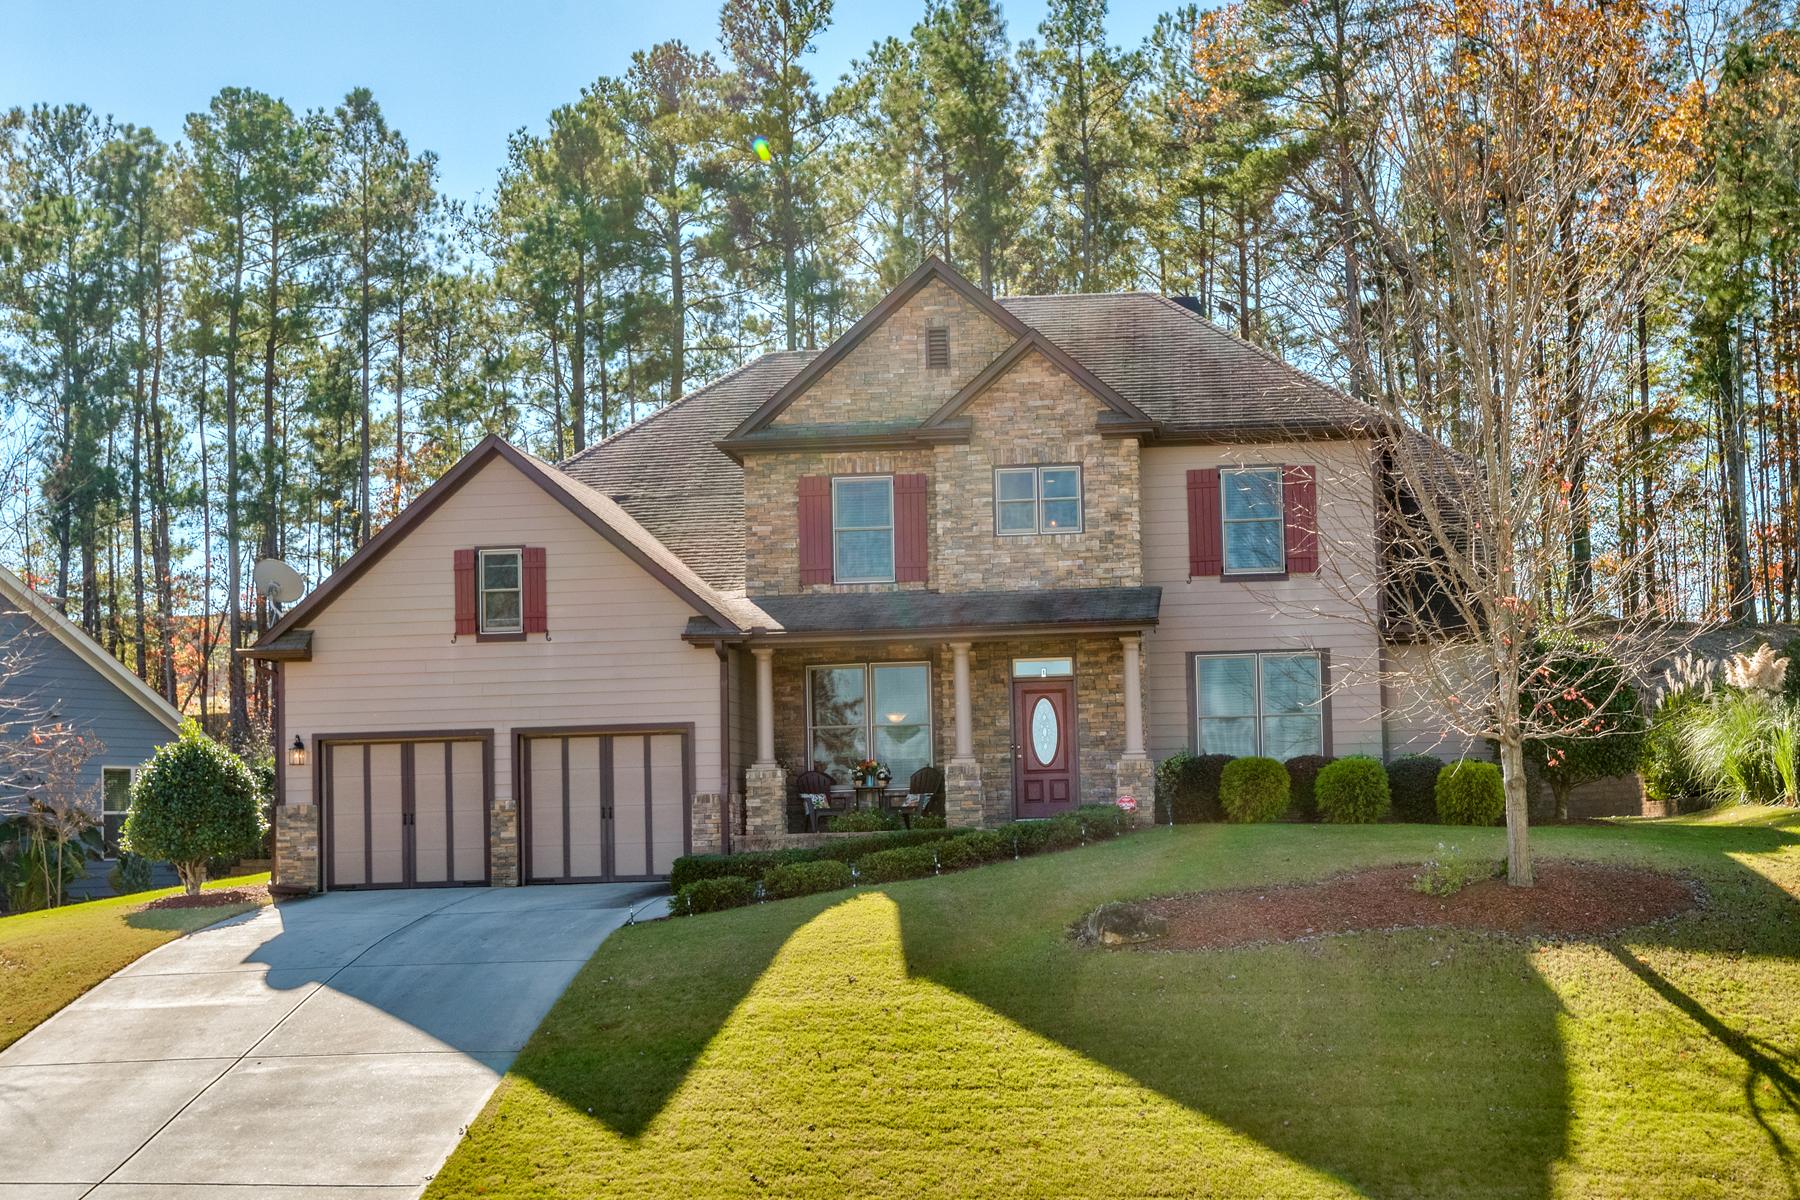 단독 가정 주택 용 매매 에 Immaculate Home 239 Highwoods Parkway Newnan, 조지아, 30265 미국